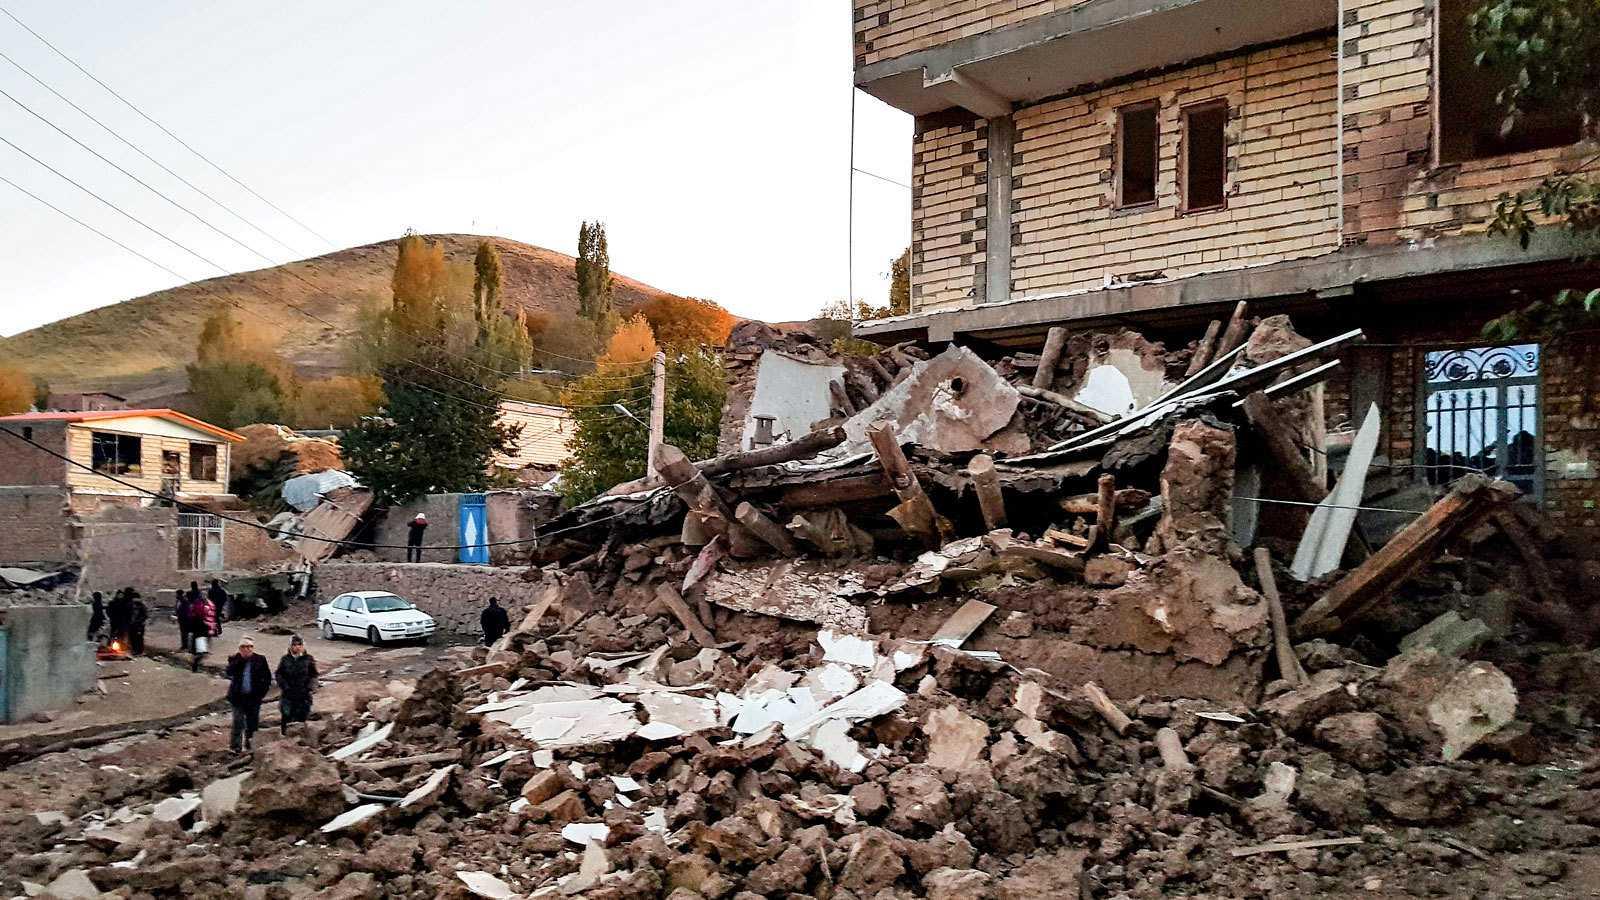 Una casa derruida en Varnakesh, una de las localidades afectadas por el seísmo en el noroeste de Irán